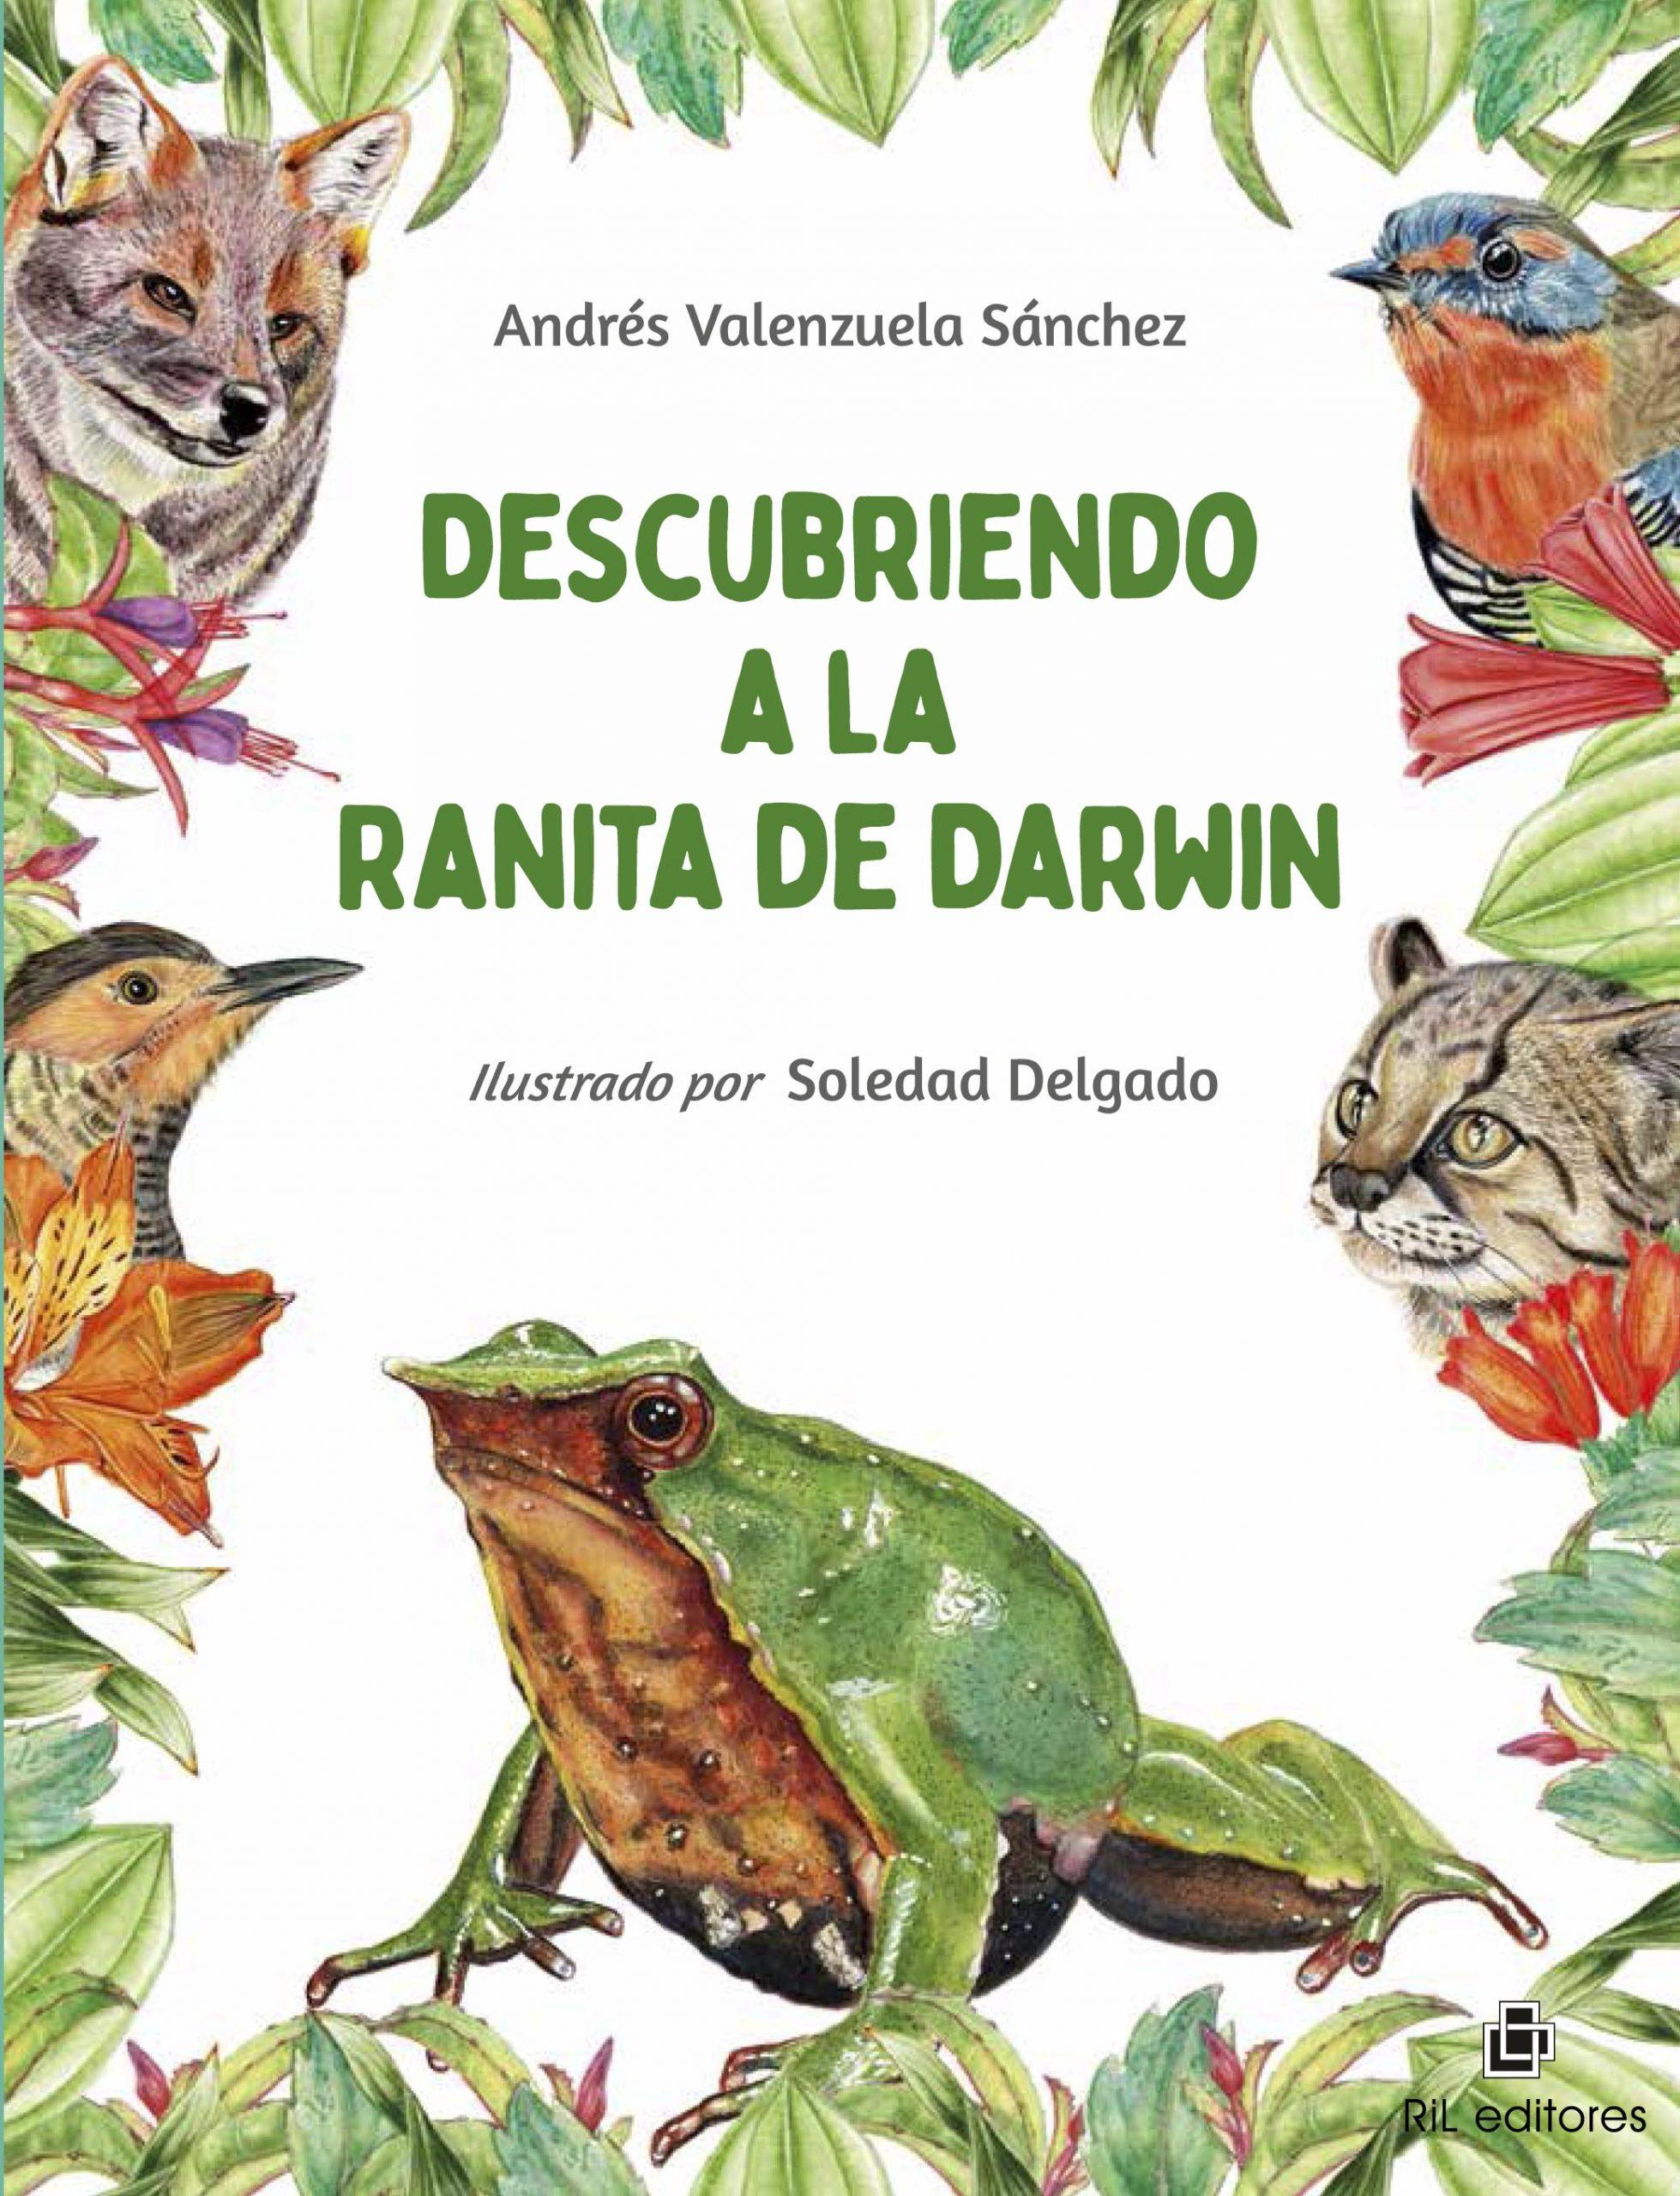 Descubriendo a la Ranita de Darwin 1